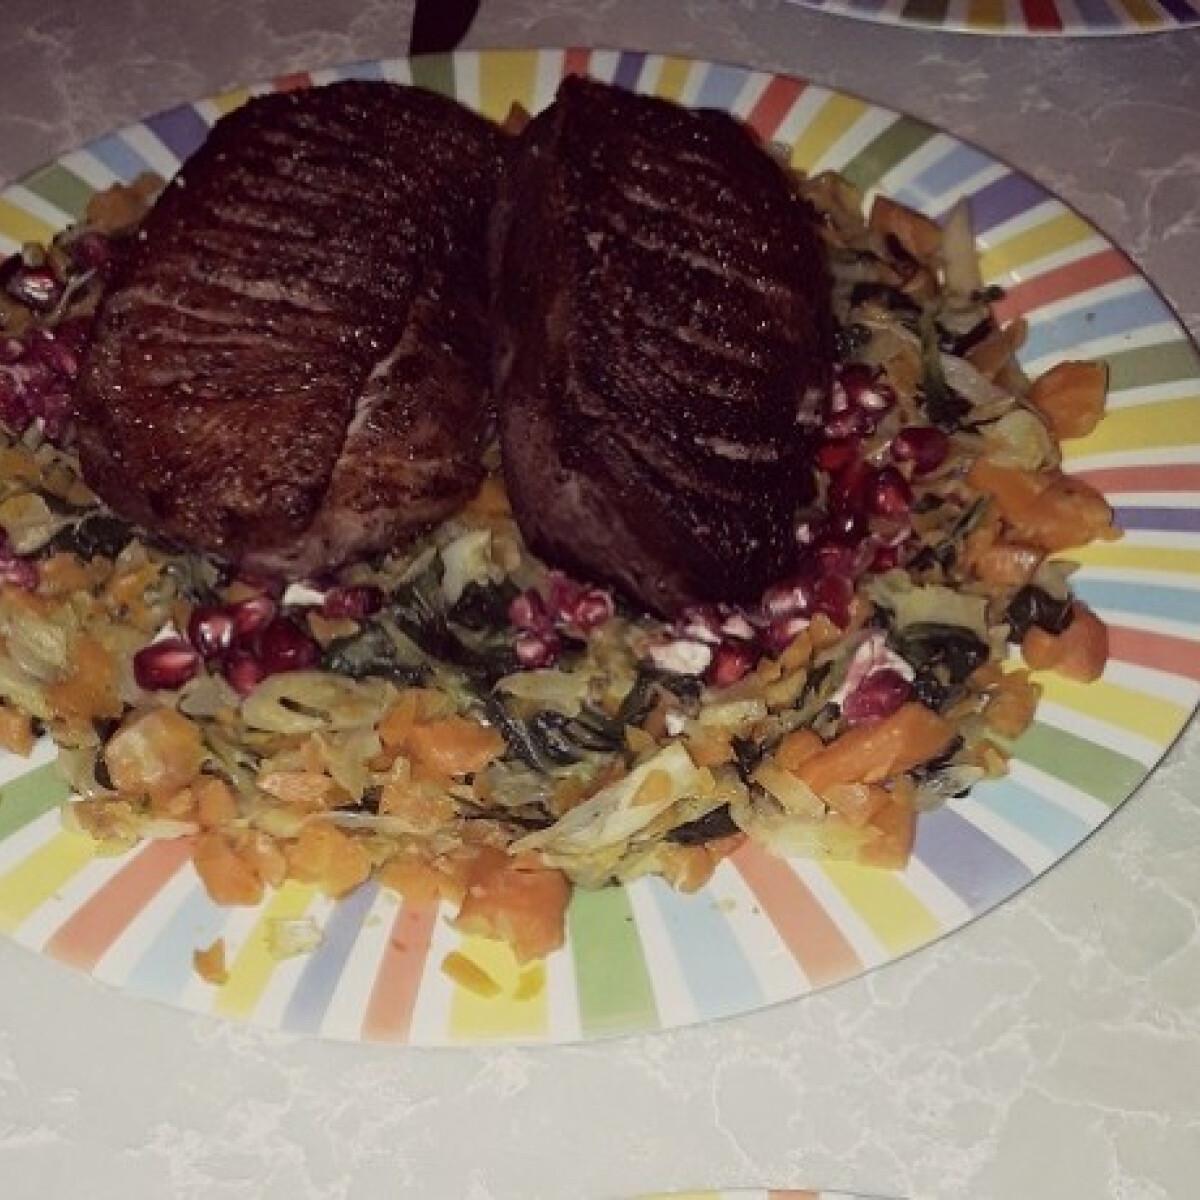 Ezen a képen: Frissen sült libamell meleg salátával